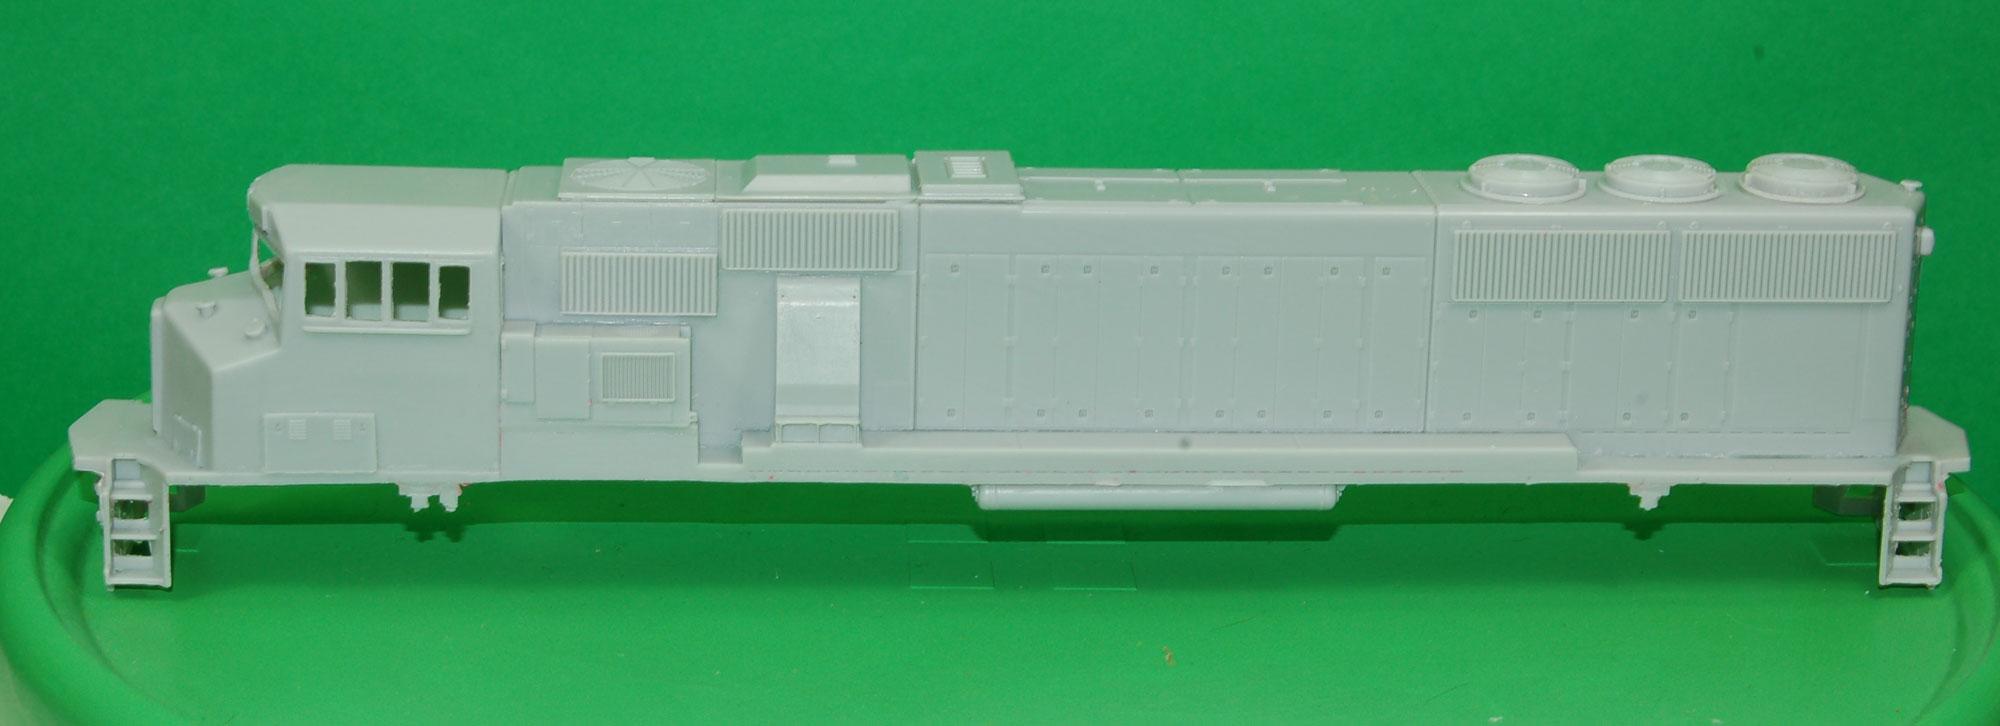 MK5000C Phase 1